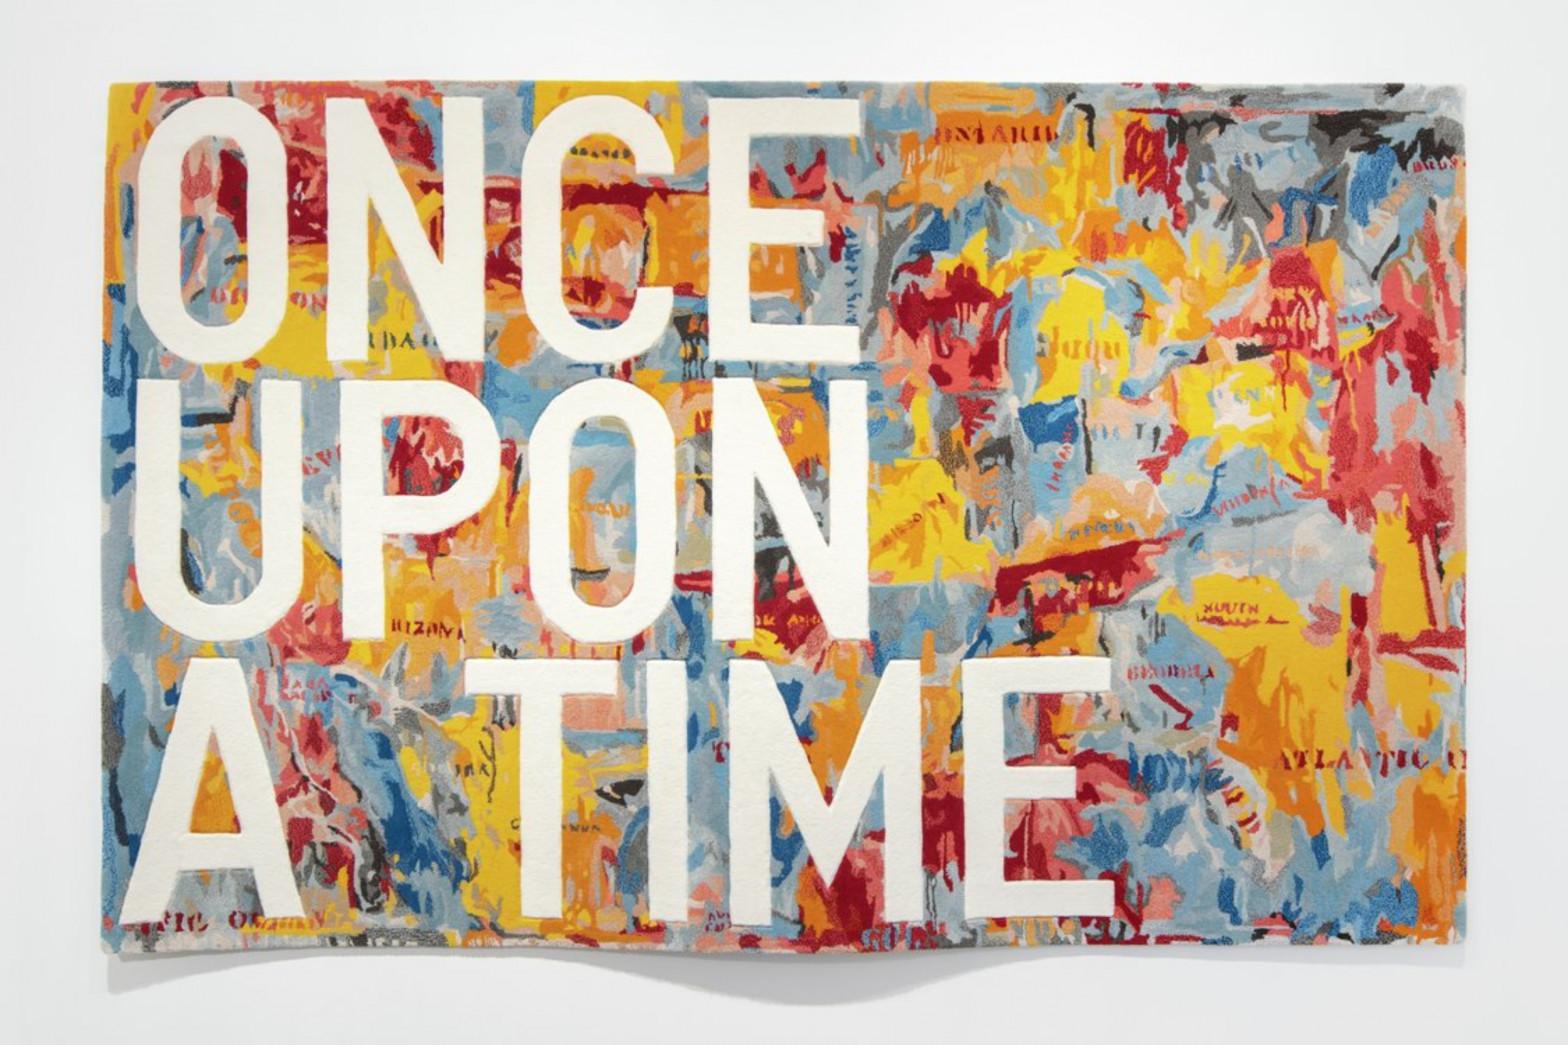 Obra del artista Rirkrit Tiravanija, plasmada sobre una alfombra y valorada en 170.00 euros